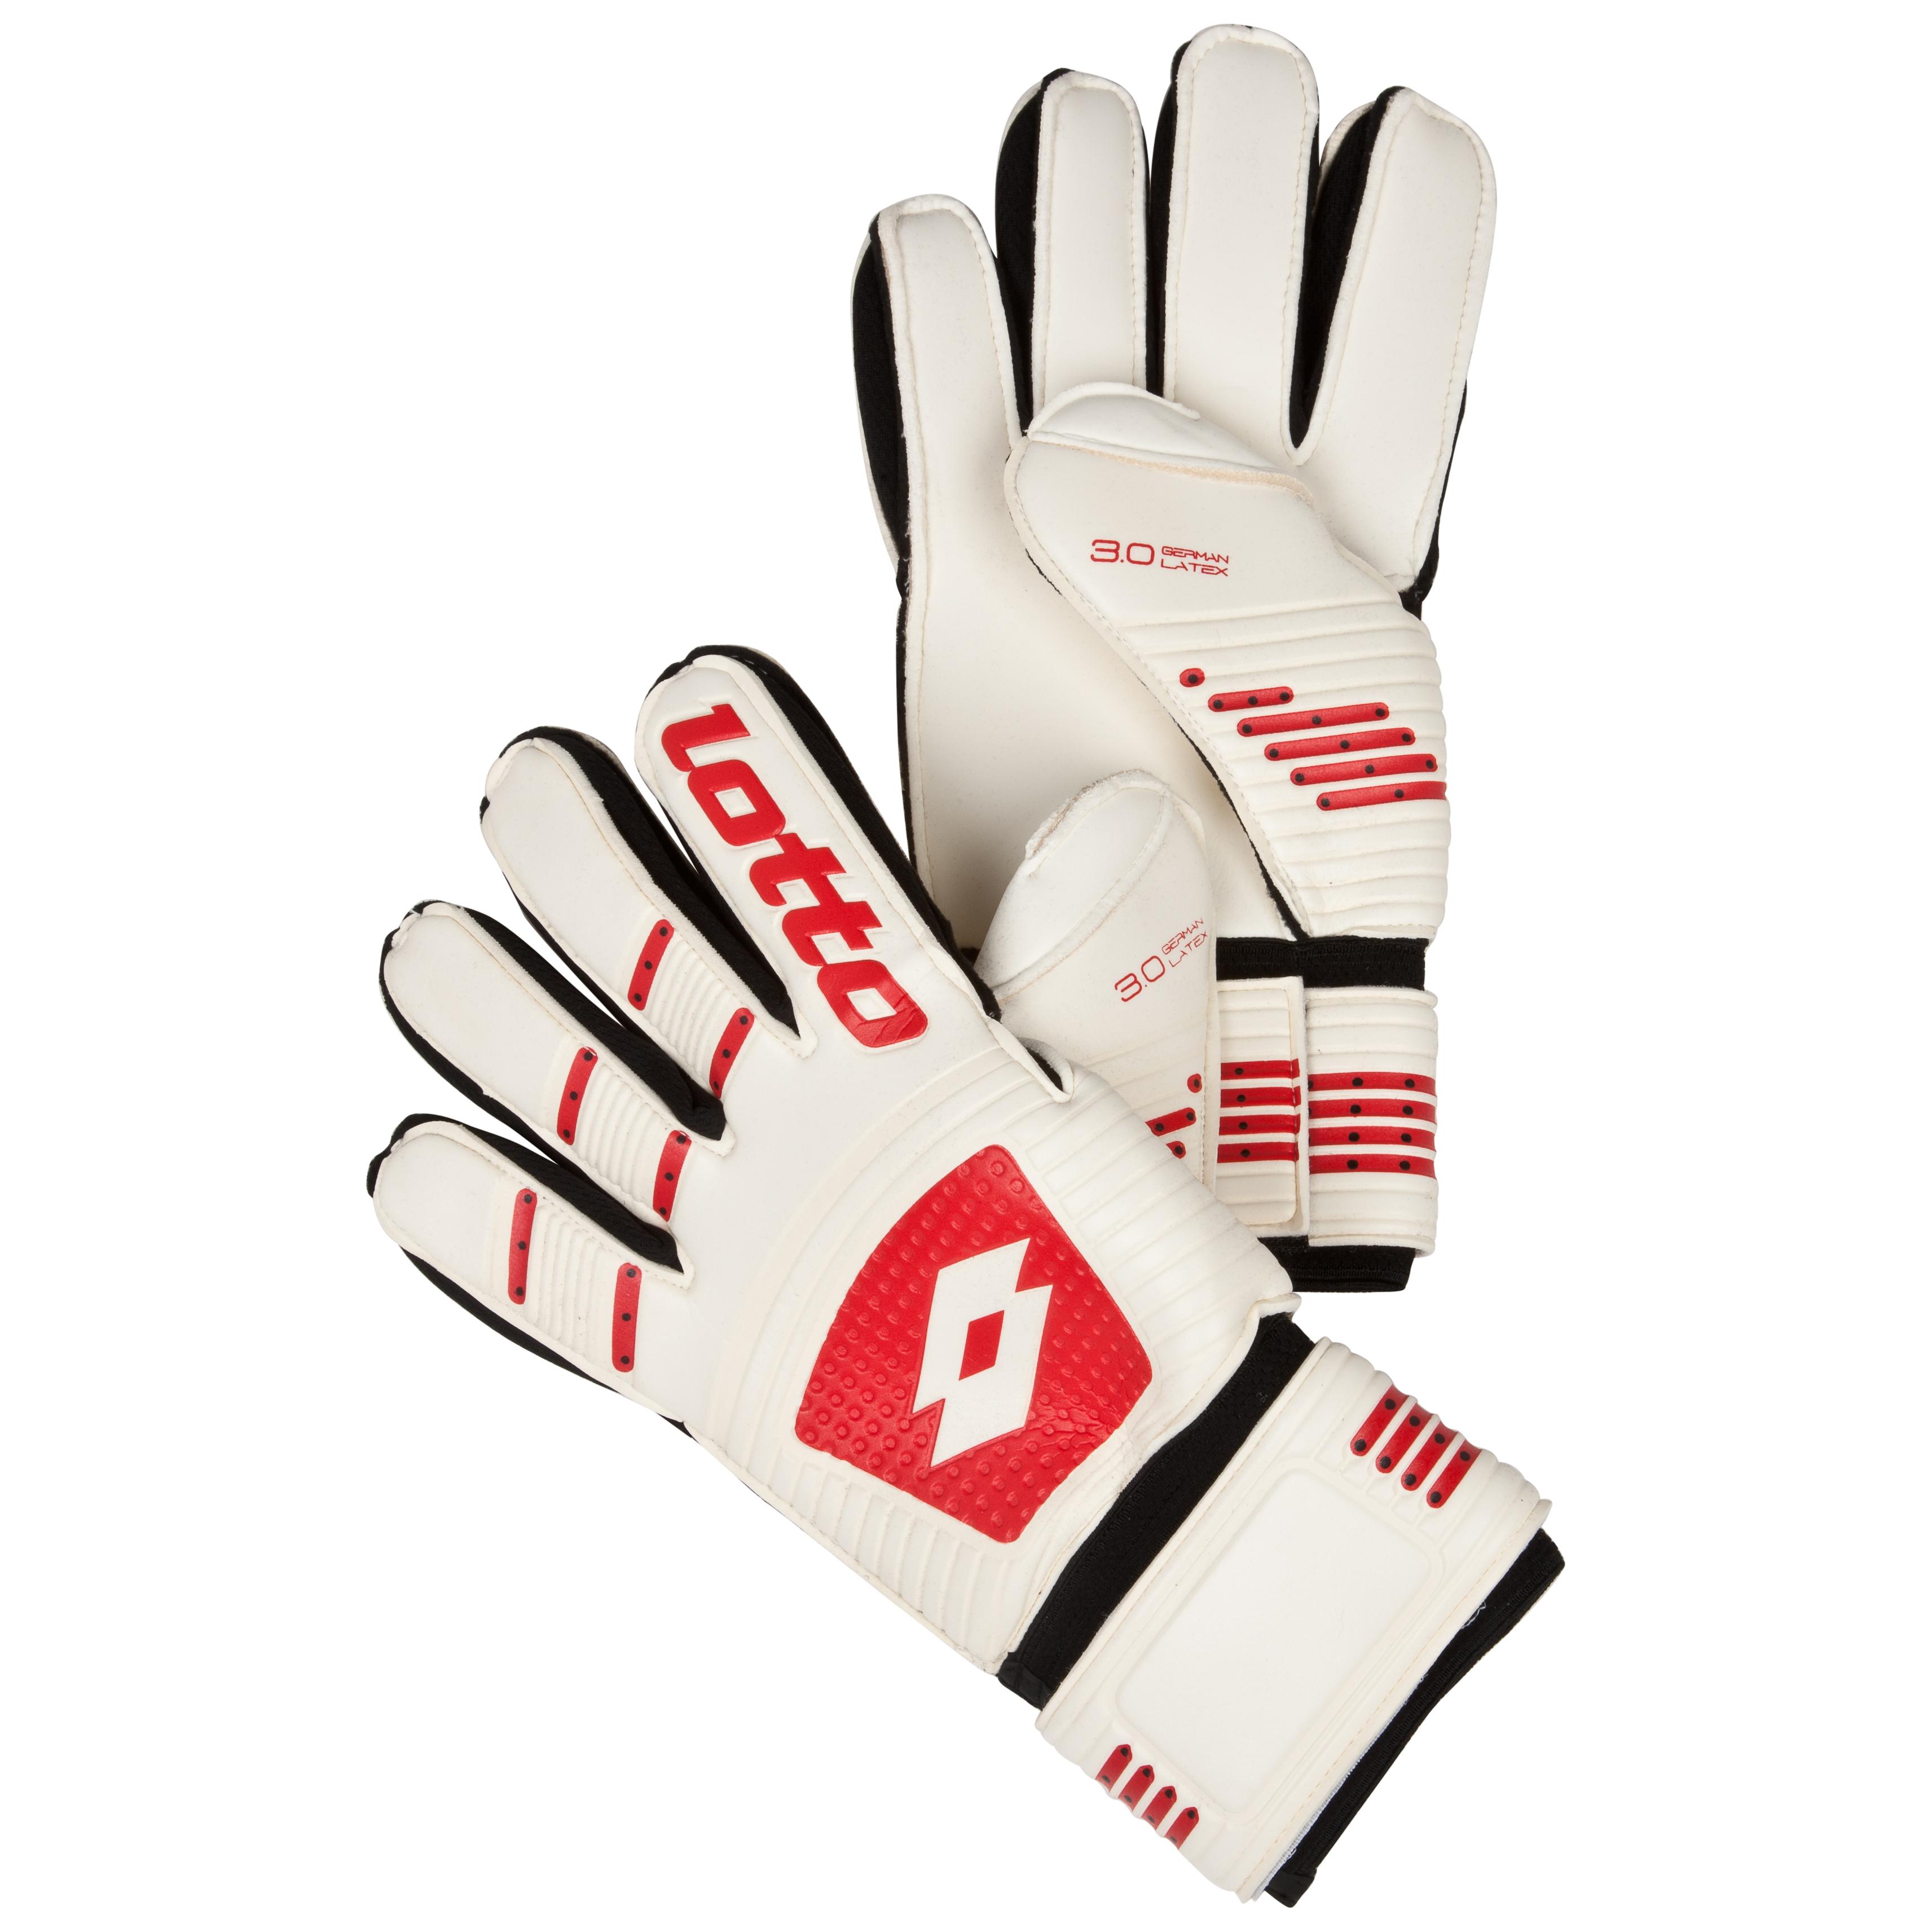 Lotto Gripster GK500 III Goalkeeper Gloves-White/Risk Red